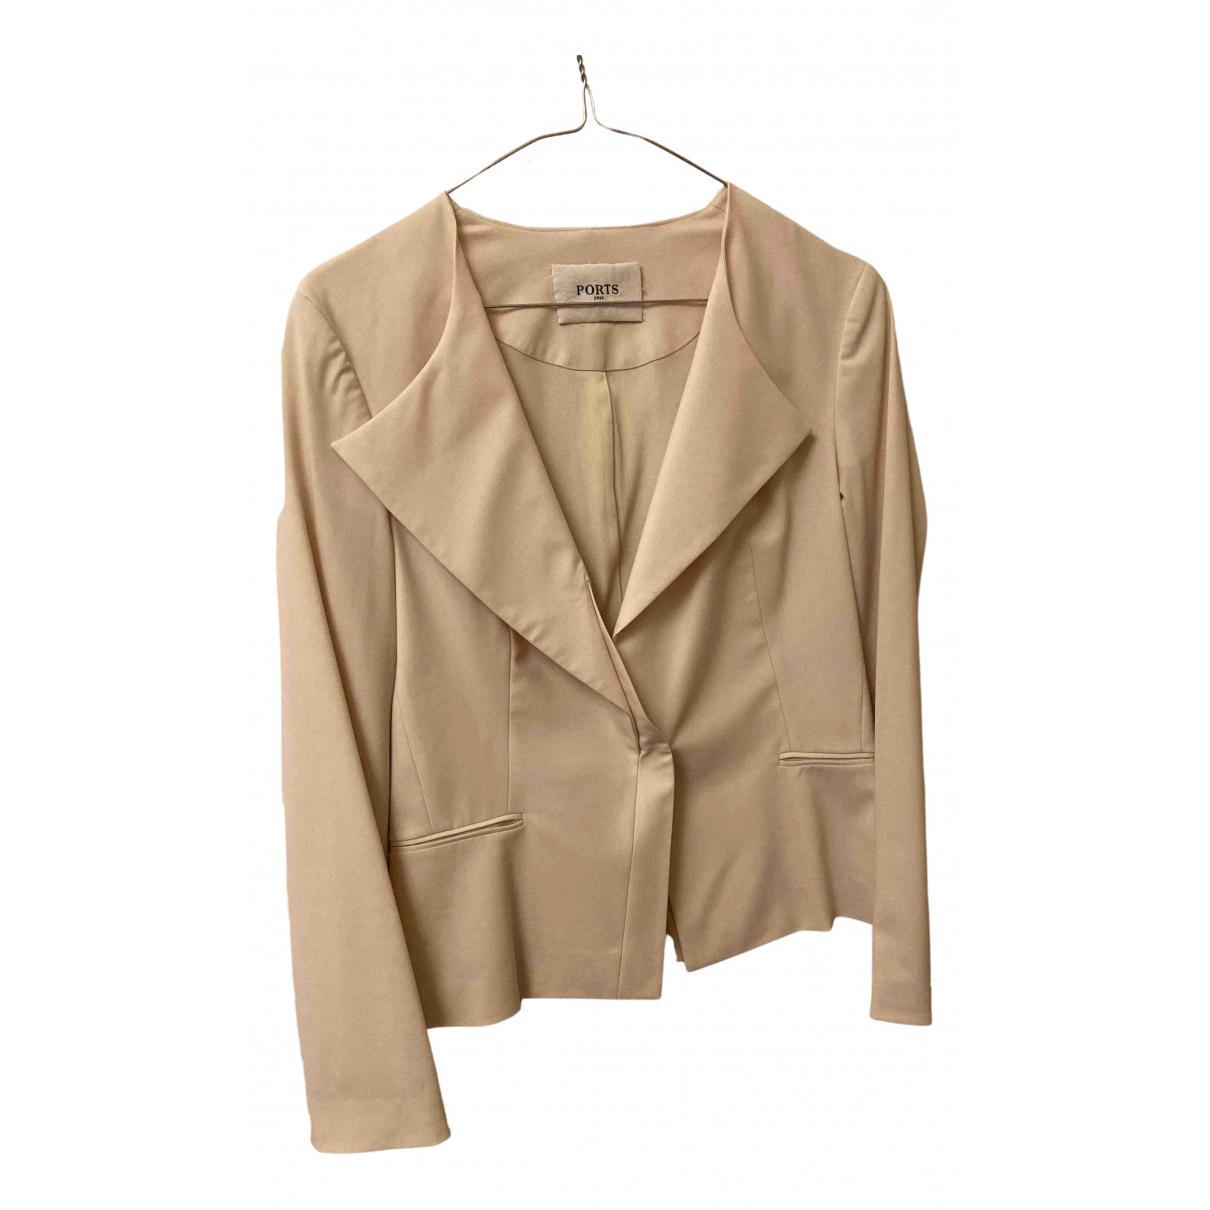 Ports 1961 - Veste   pour femme en laine - beige